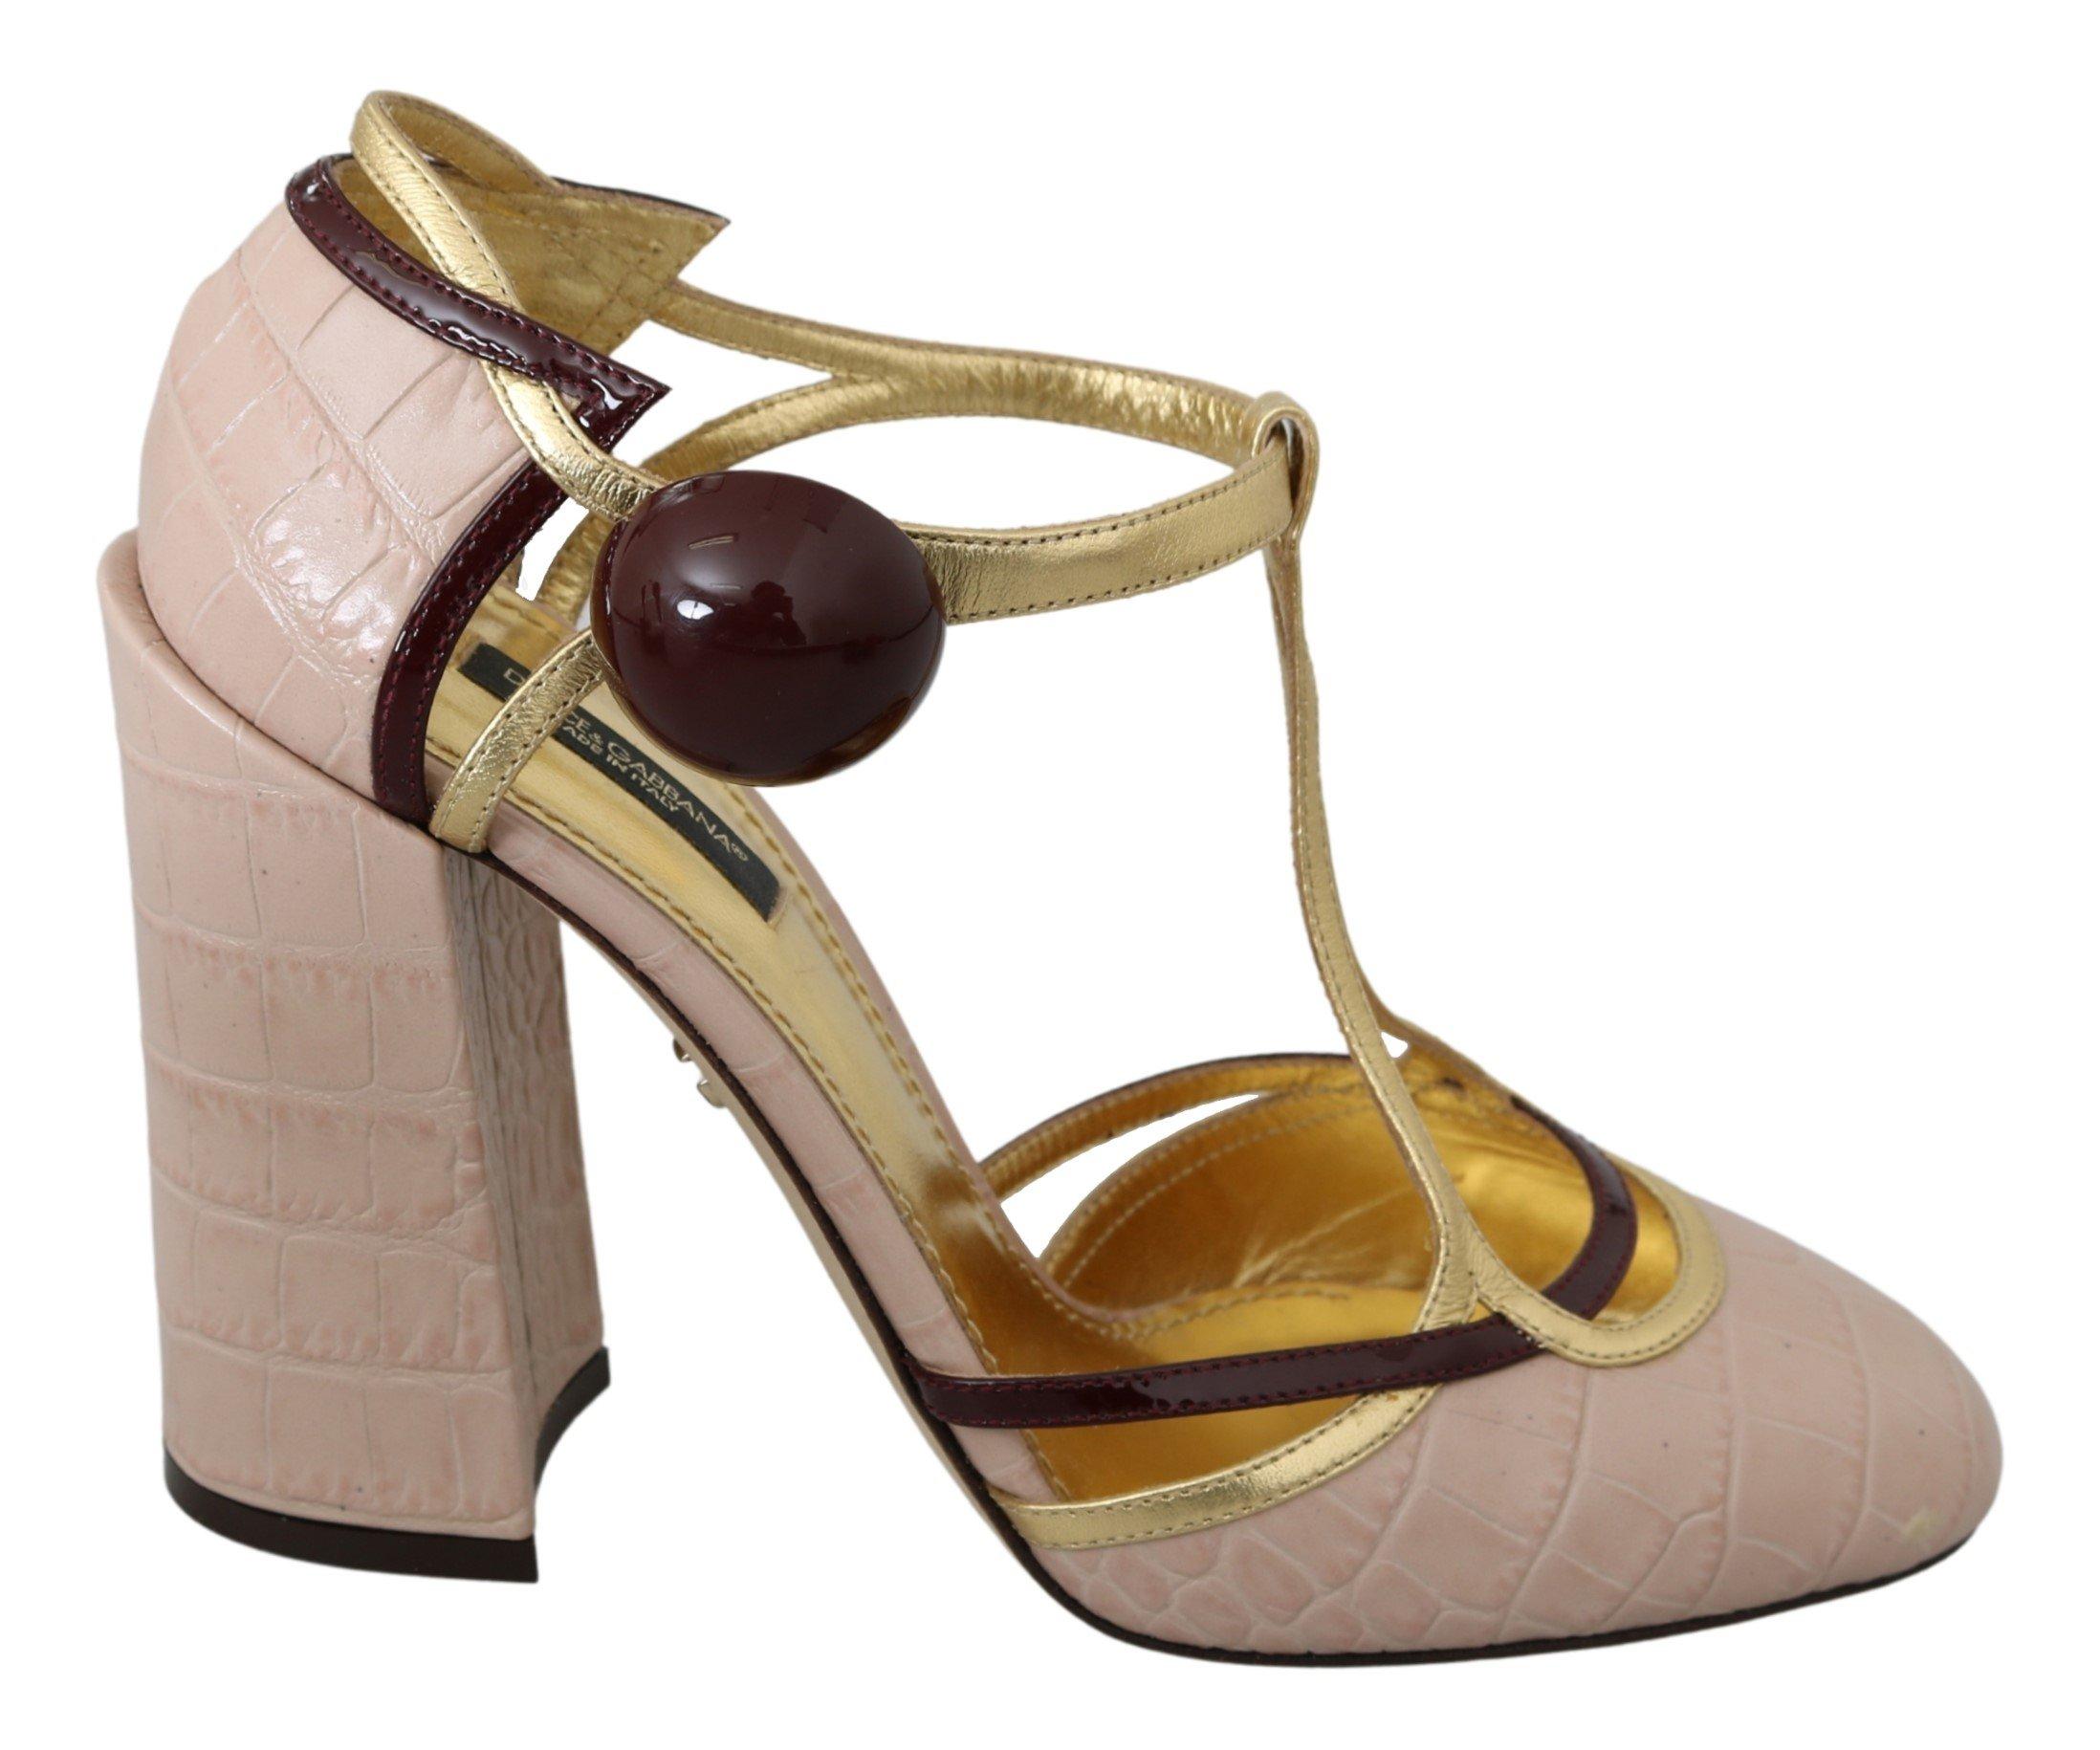 Dolce & Gabbana Women's Ankle Strap Leather Sandal Pink LA6977 - EU39/US8.5